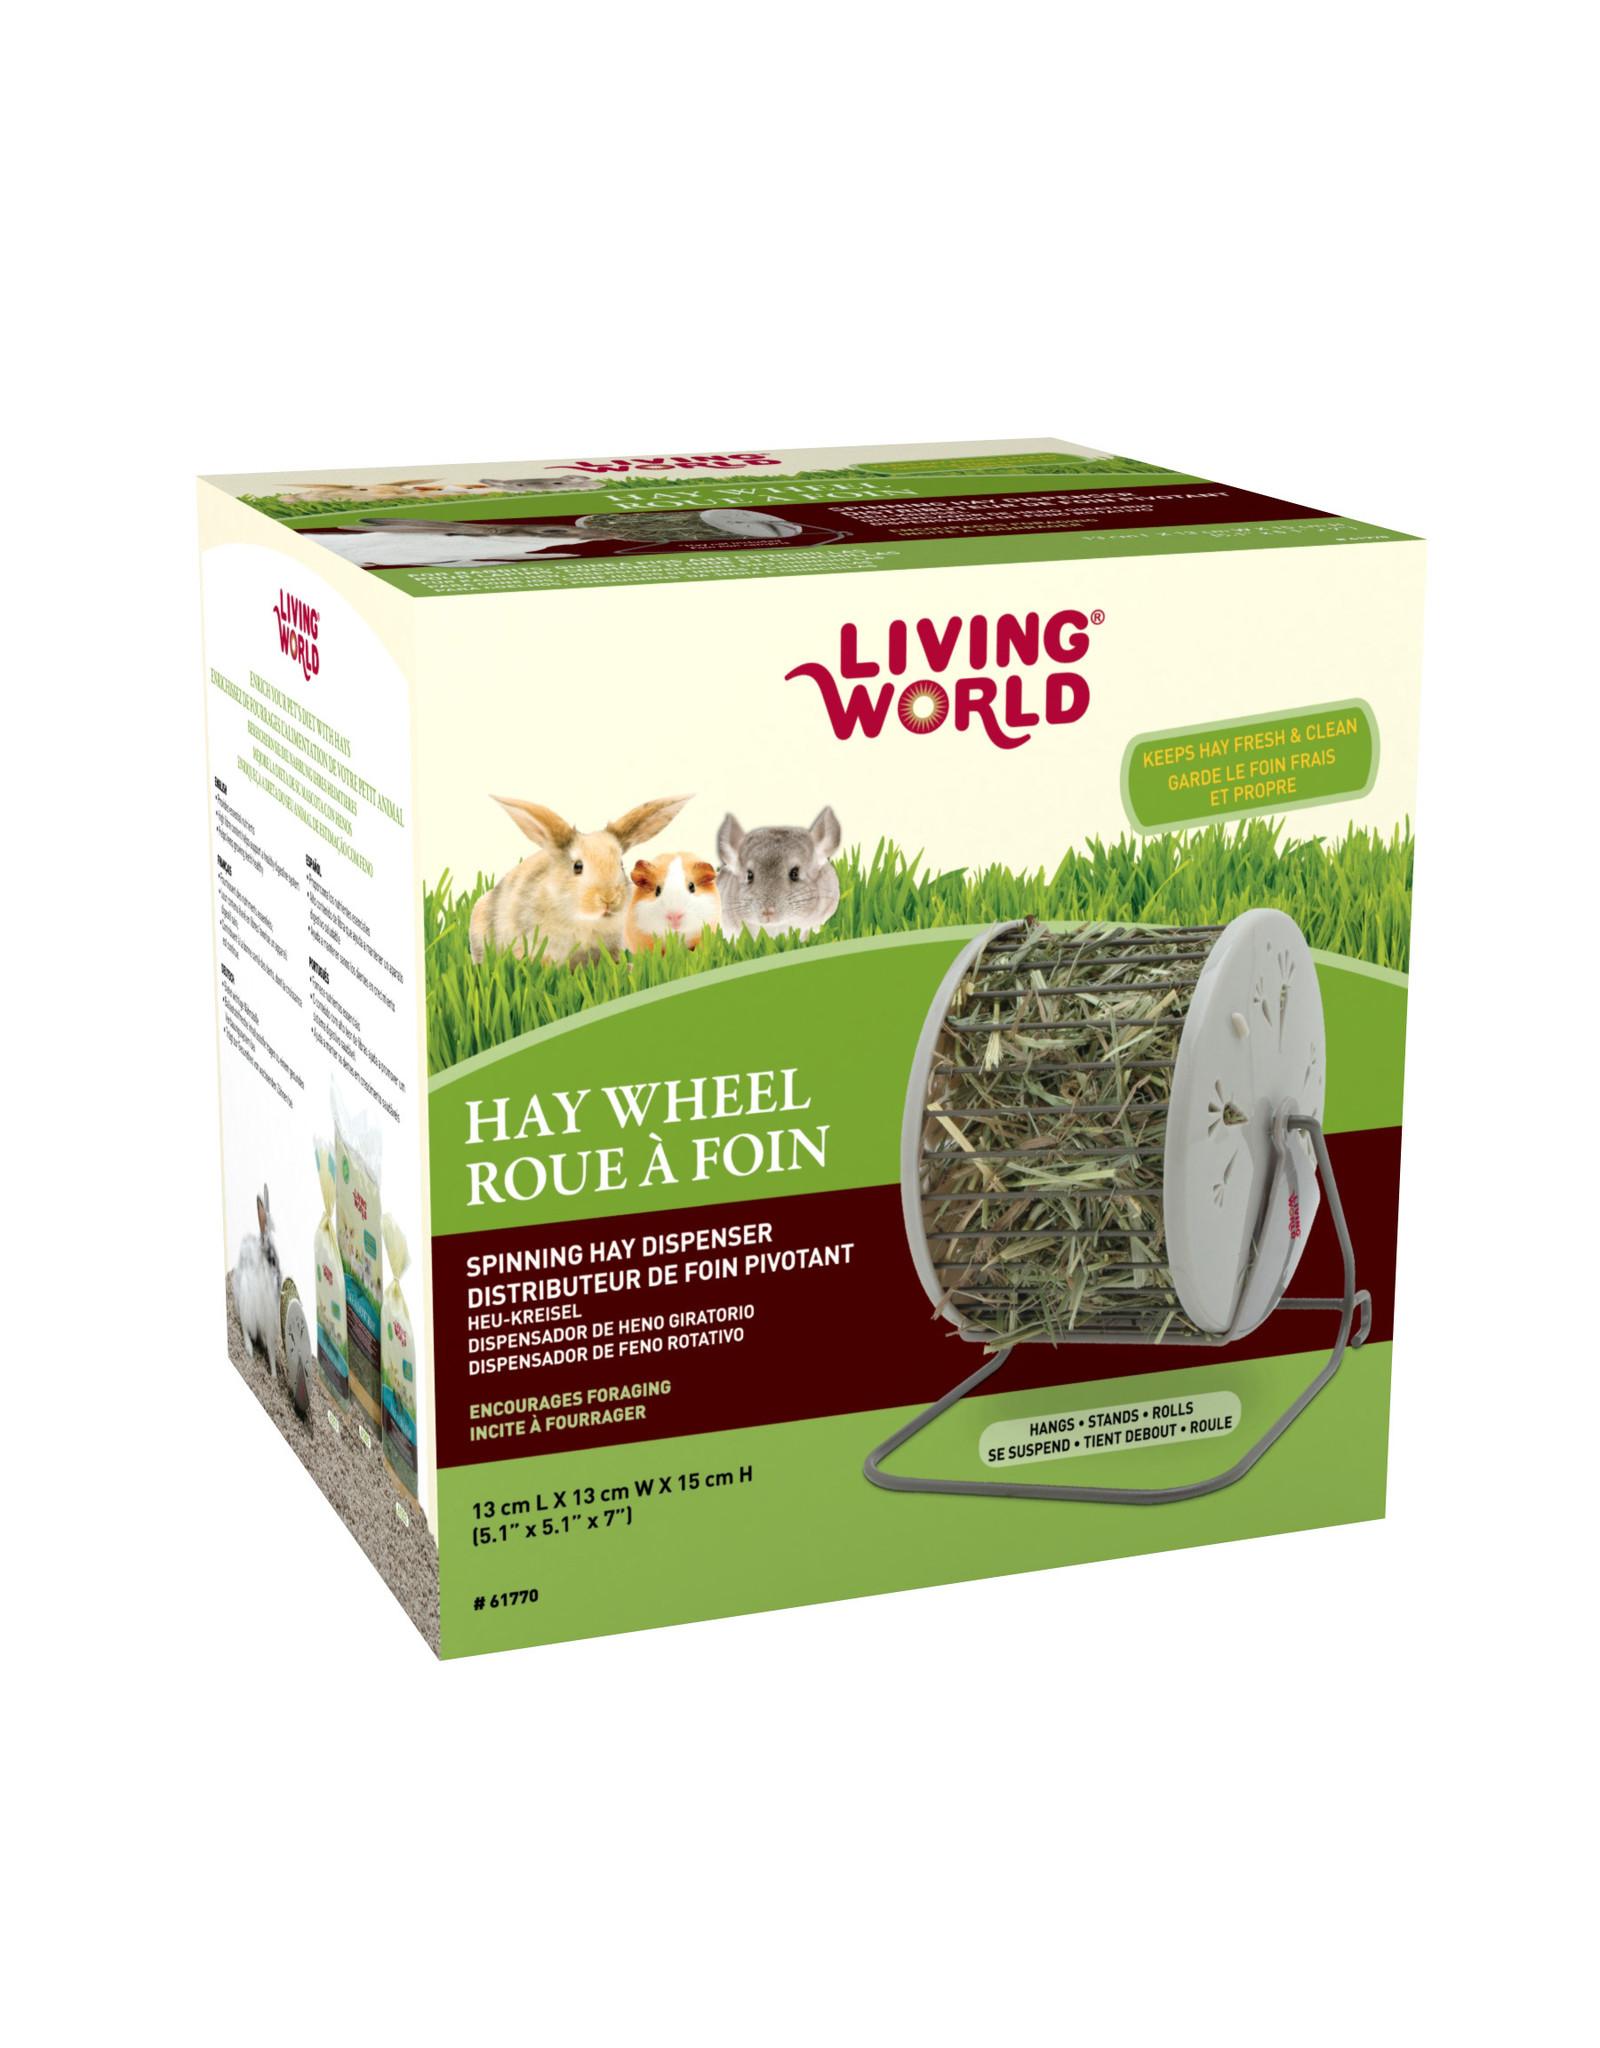 LW - Living World Living World Hay Dispenser